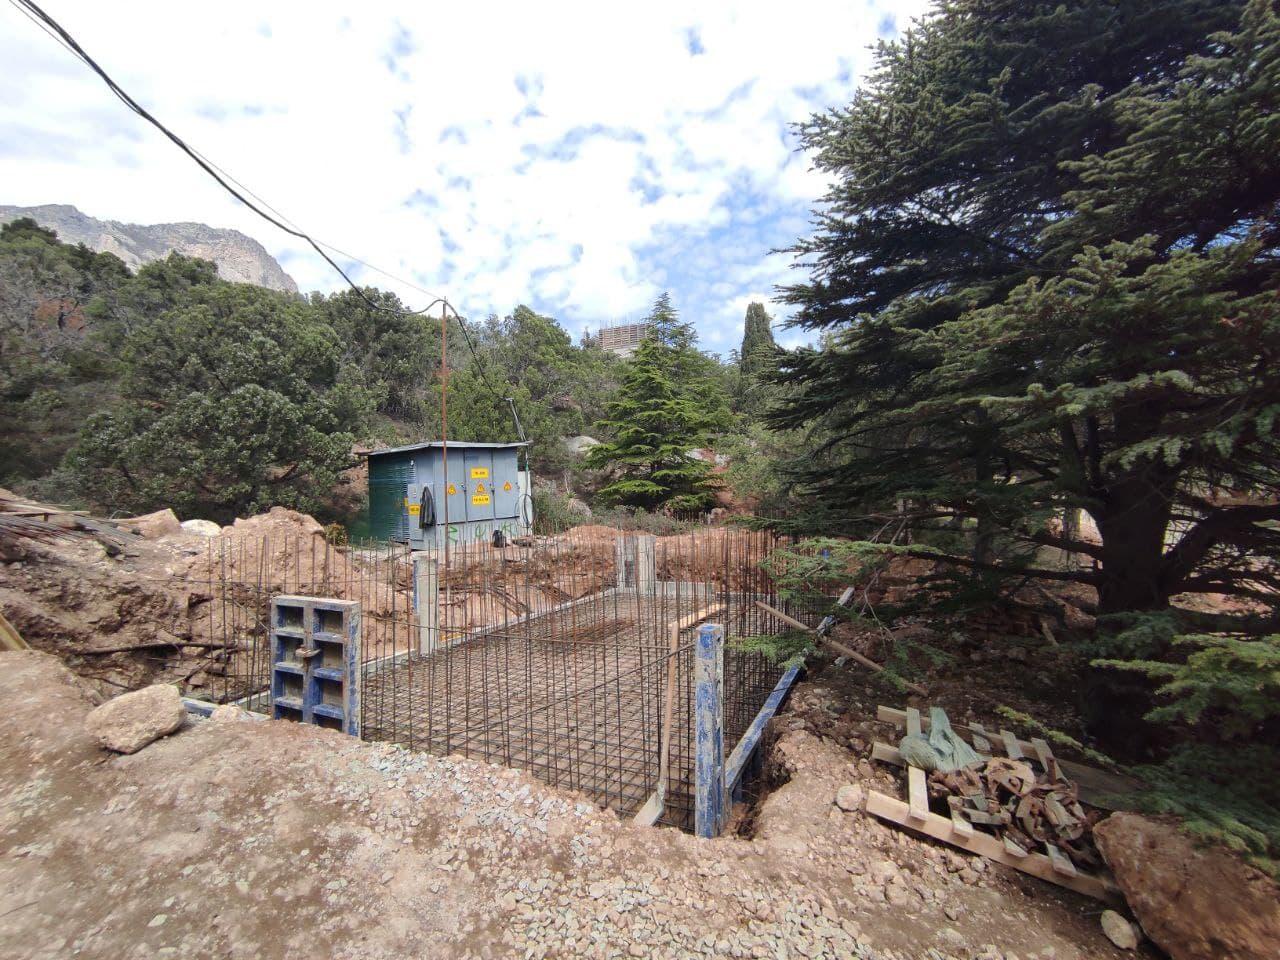 Комиссия Совета министров РК дала застройщику неделю на благоустройство Форосского парка